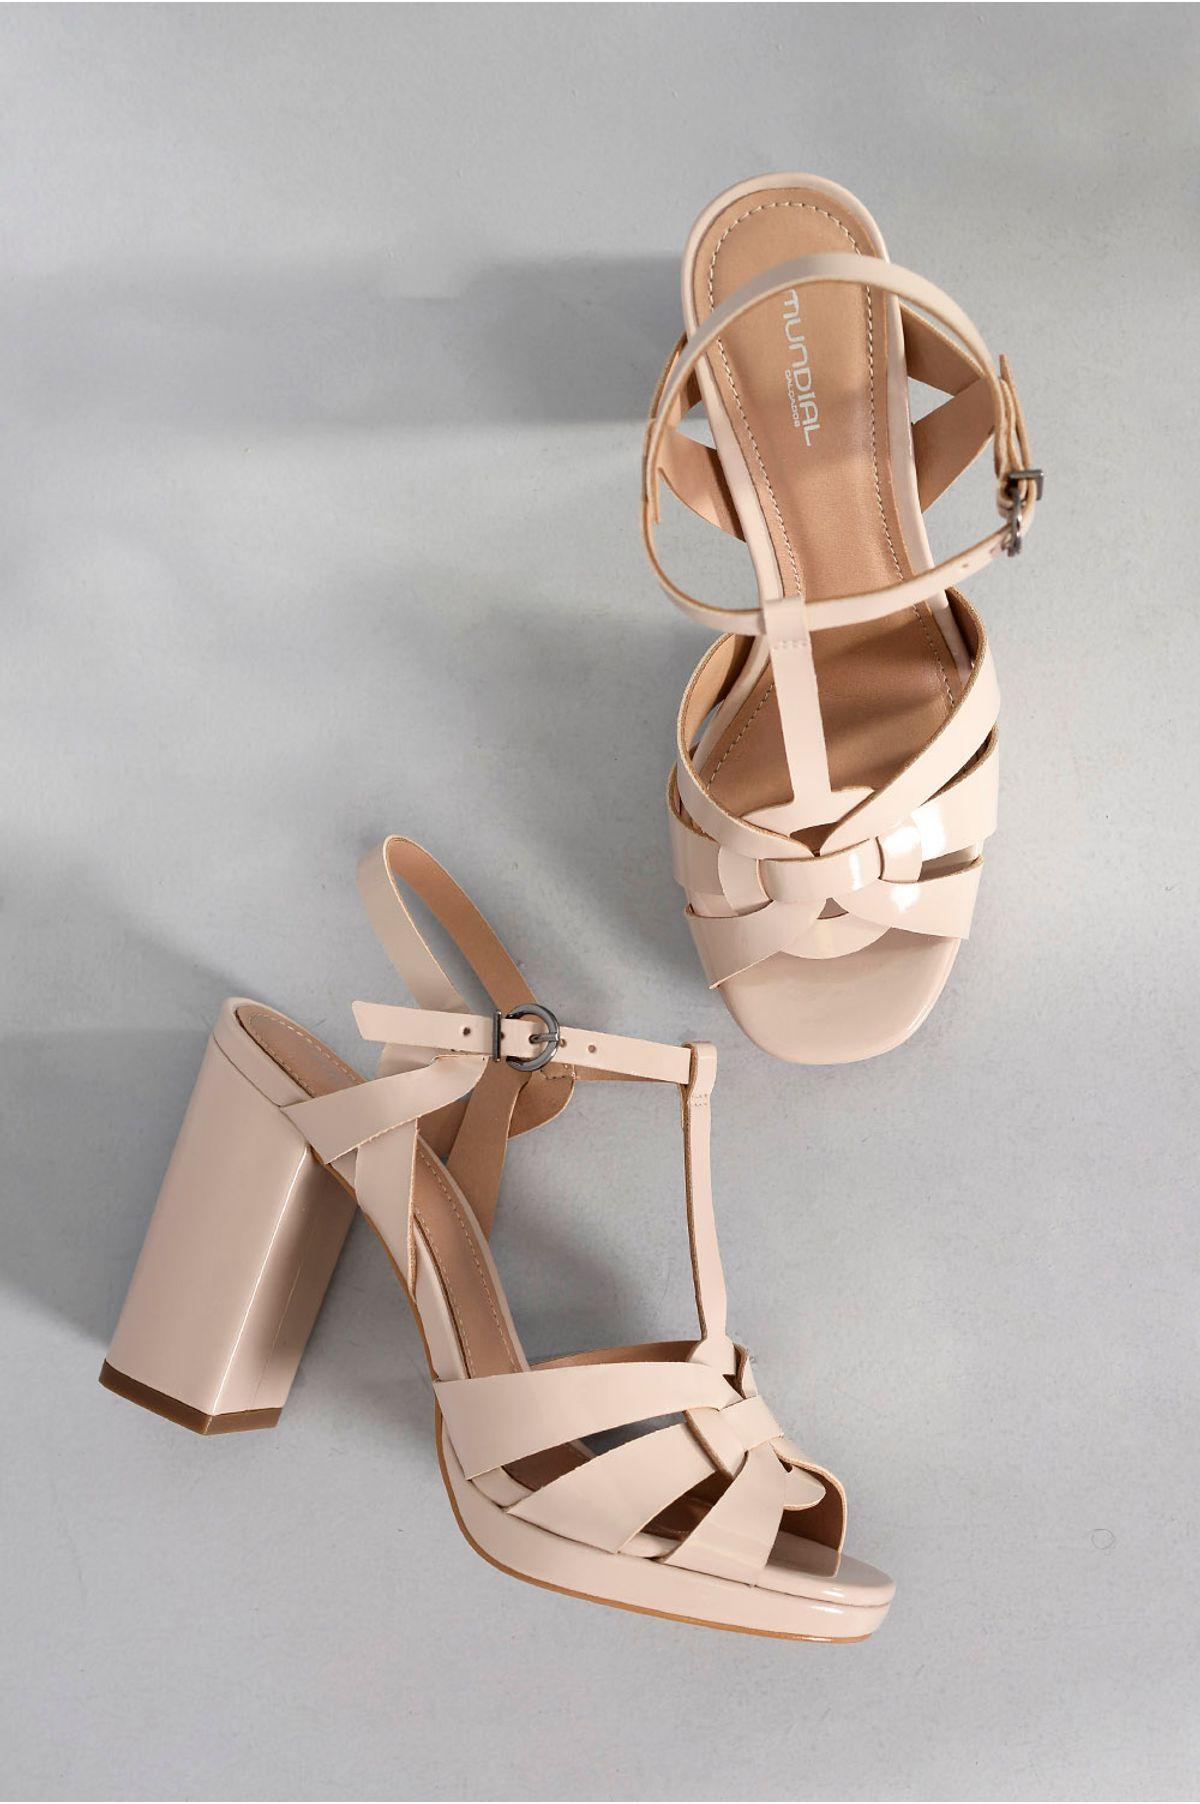 d2fd66643 Sandália Feminina Salto Alto Marion Mundial OFF WHITE - Mundial Calçados